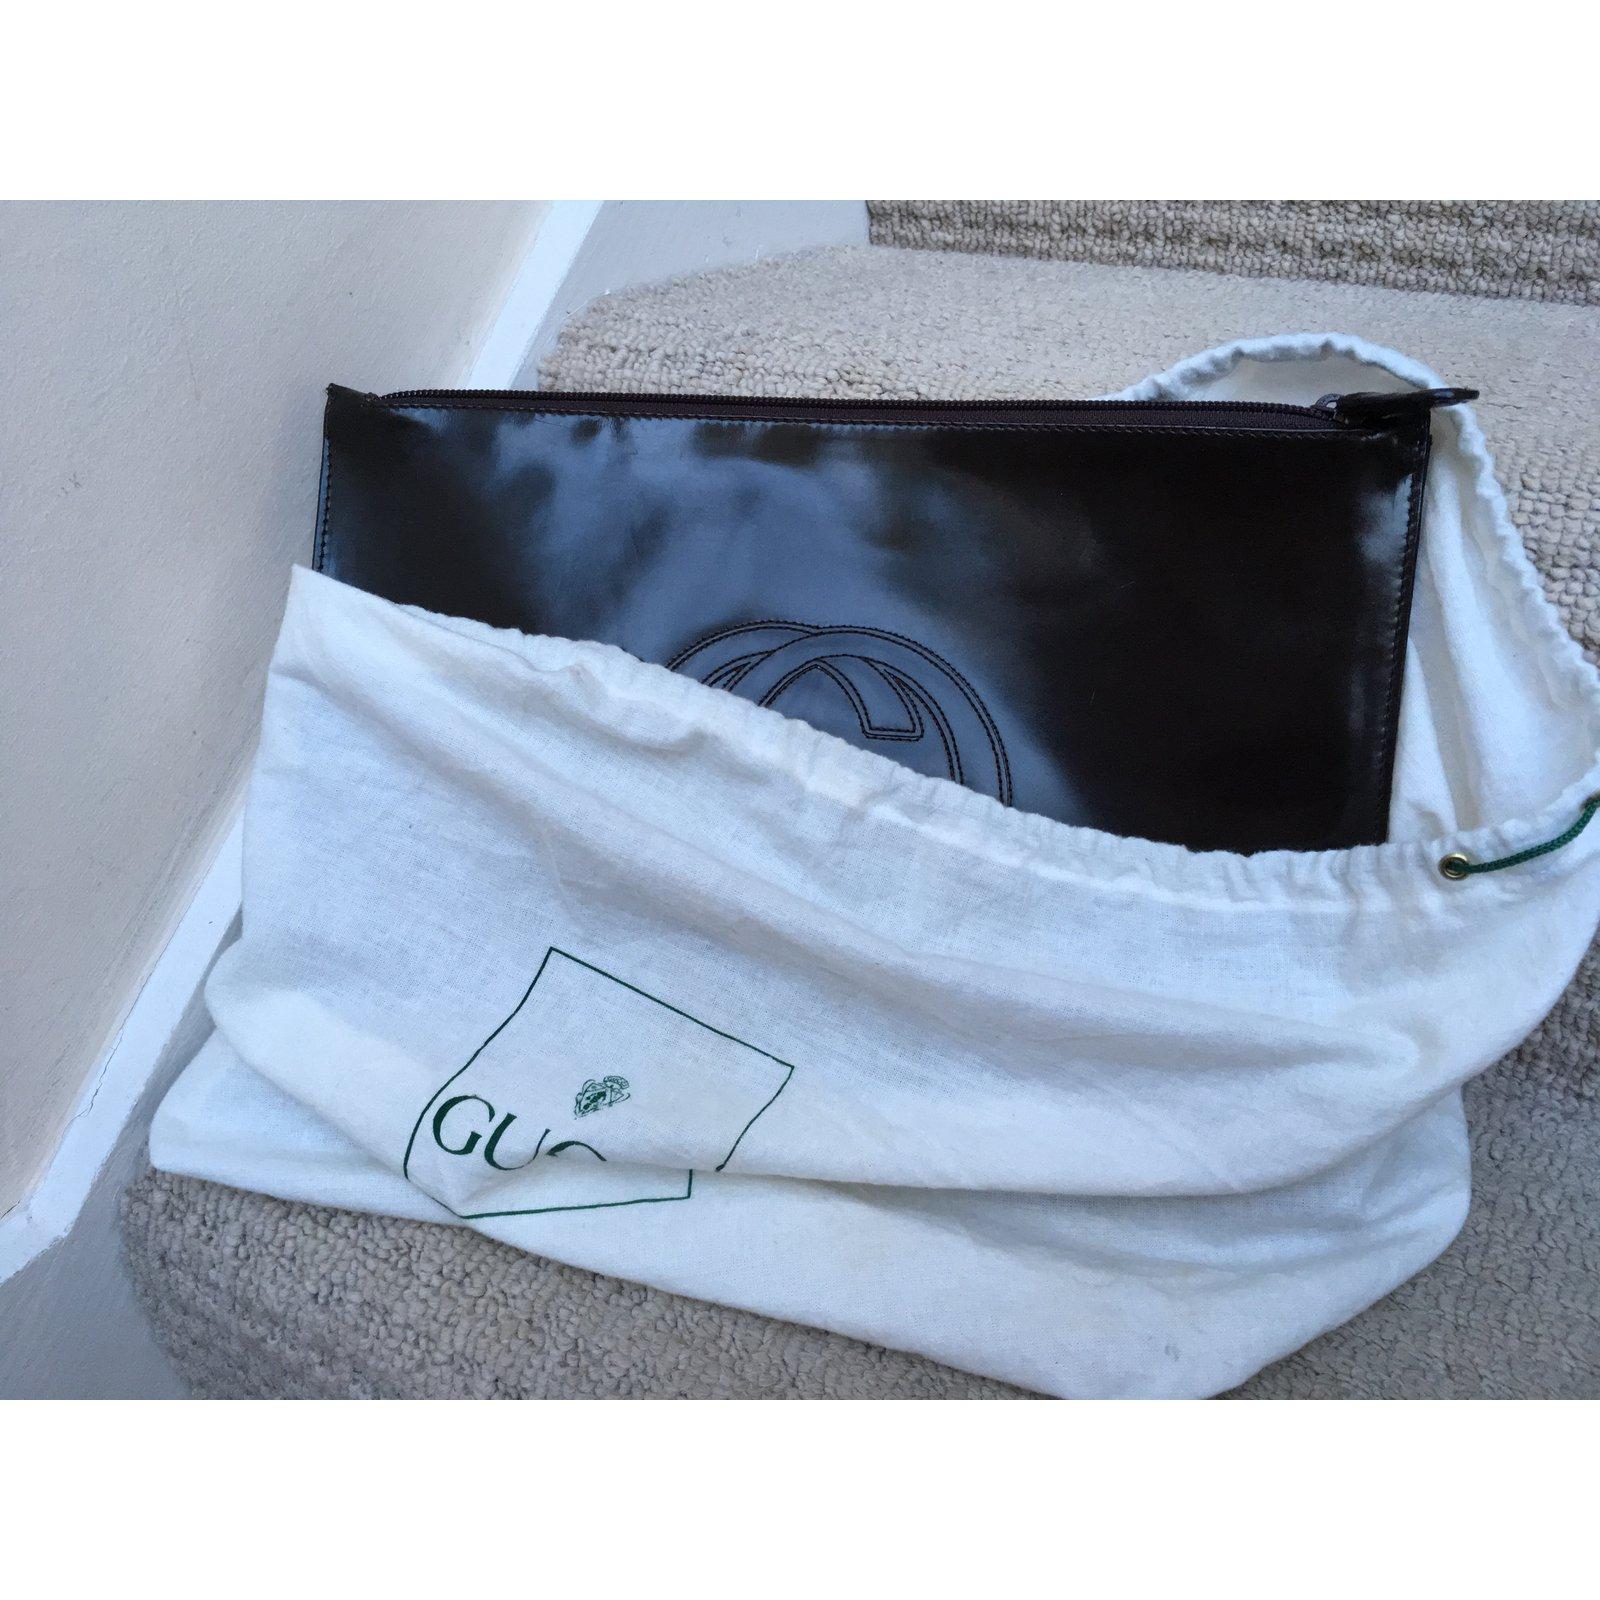 27b73ffc1eb3 Gucci large flat clutch/envelope Clutch bags Patent leather Brown ref.57873  - Joli Closet